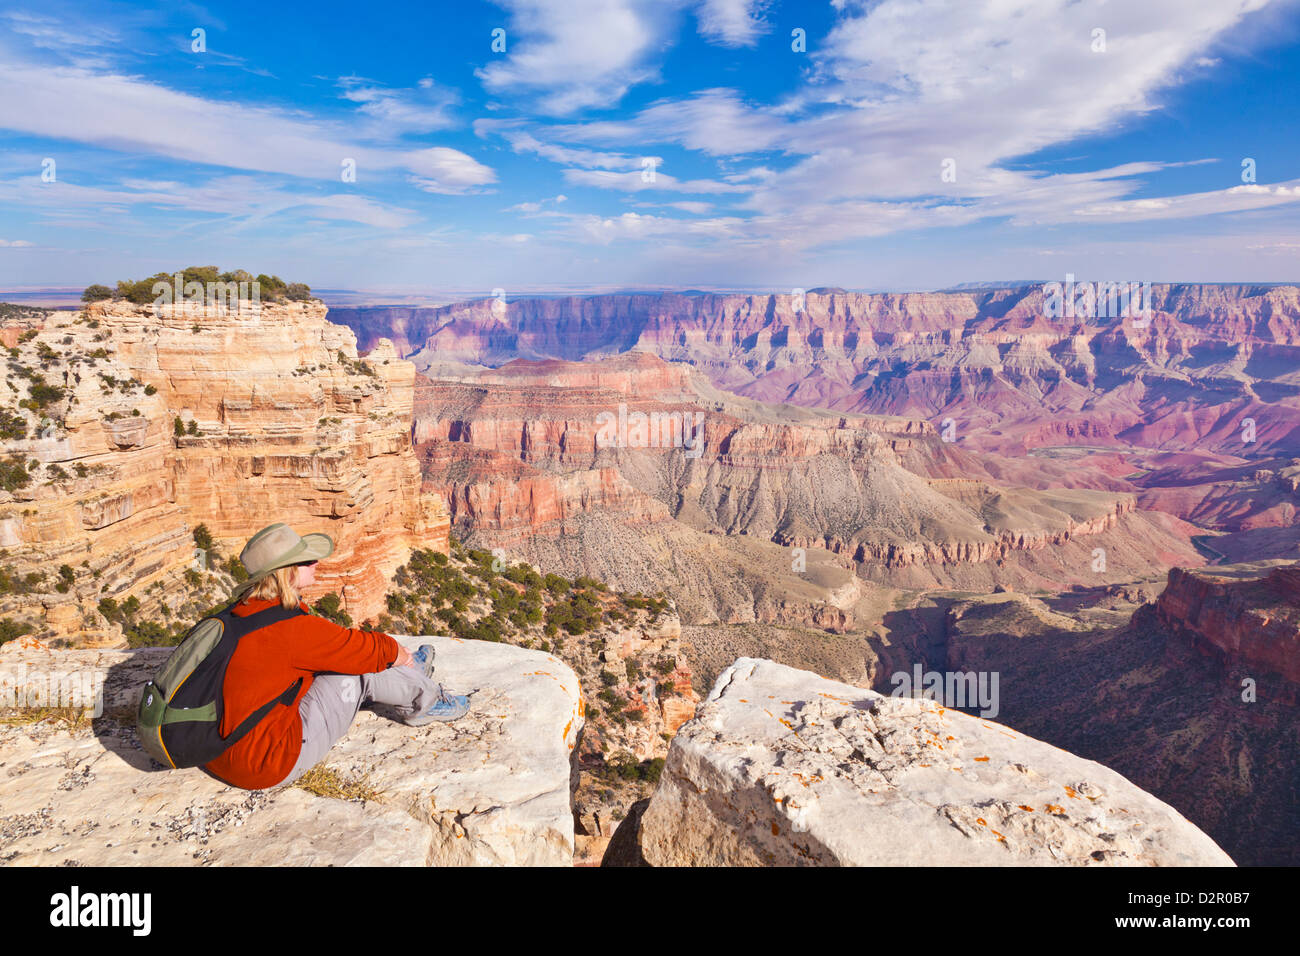 Mujeres turistas Hiker, Walhalla soslayar, North Rim, el Parque Nacional del Gran Cañón, Arizona, EE.UU. Imagen De Stock